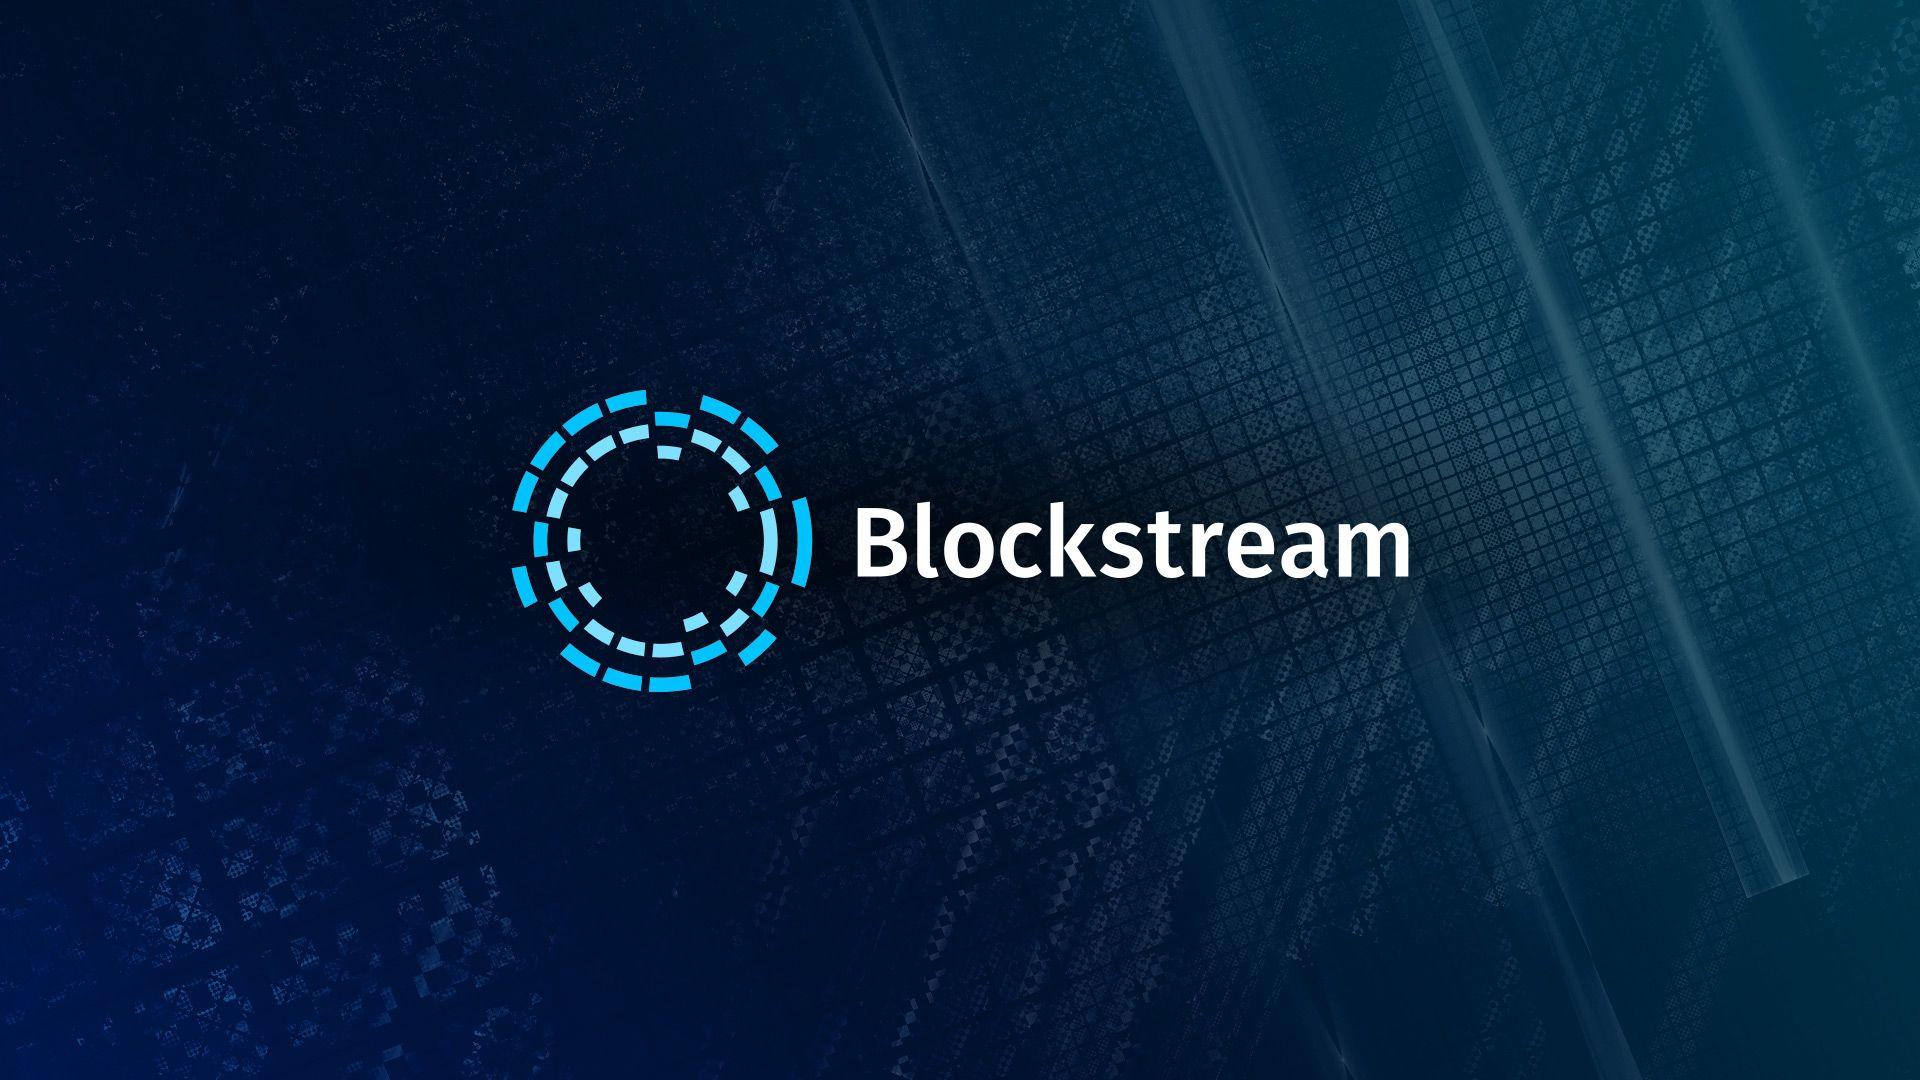 blockstream_zapustila_venchurnuyu_initsiativu_dlya_razvitiya_ekosistemy_liquid.jpg